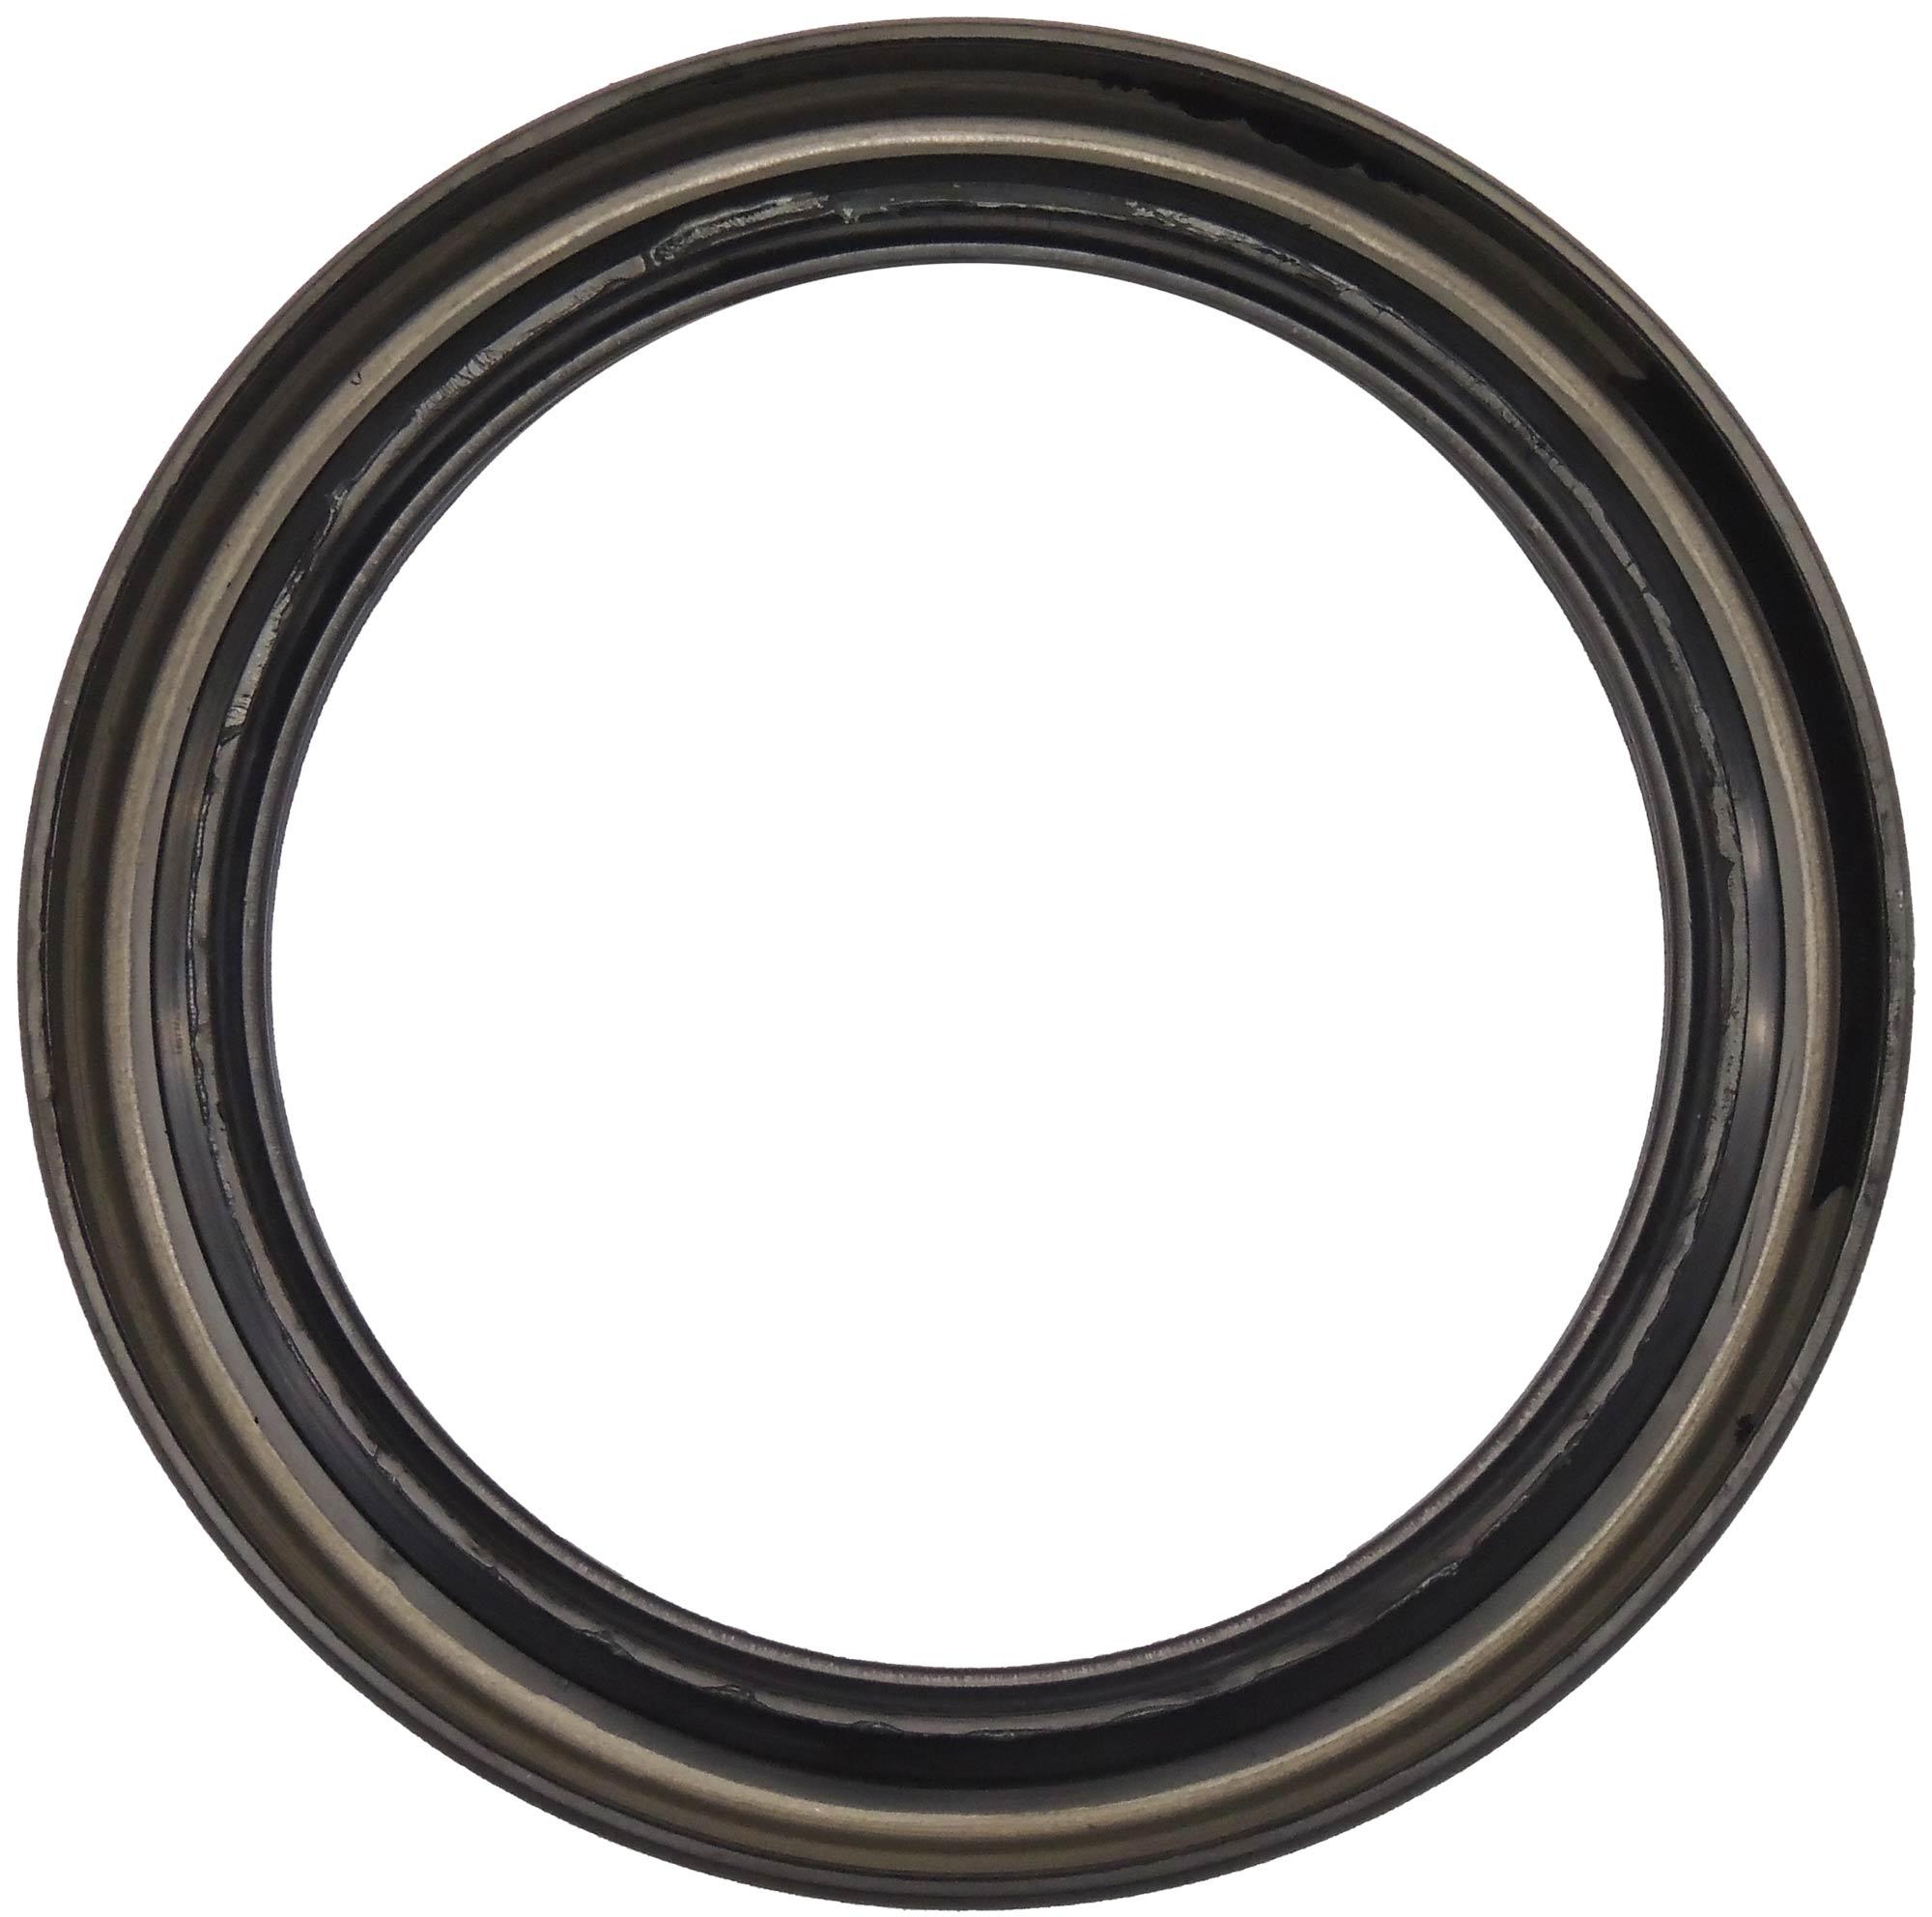 02713BRY - Retentor de roda traseira SABÓ